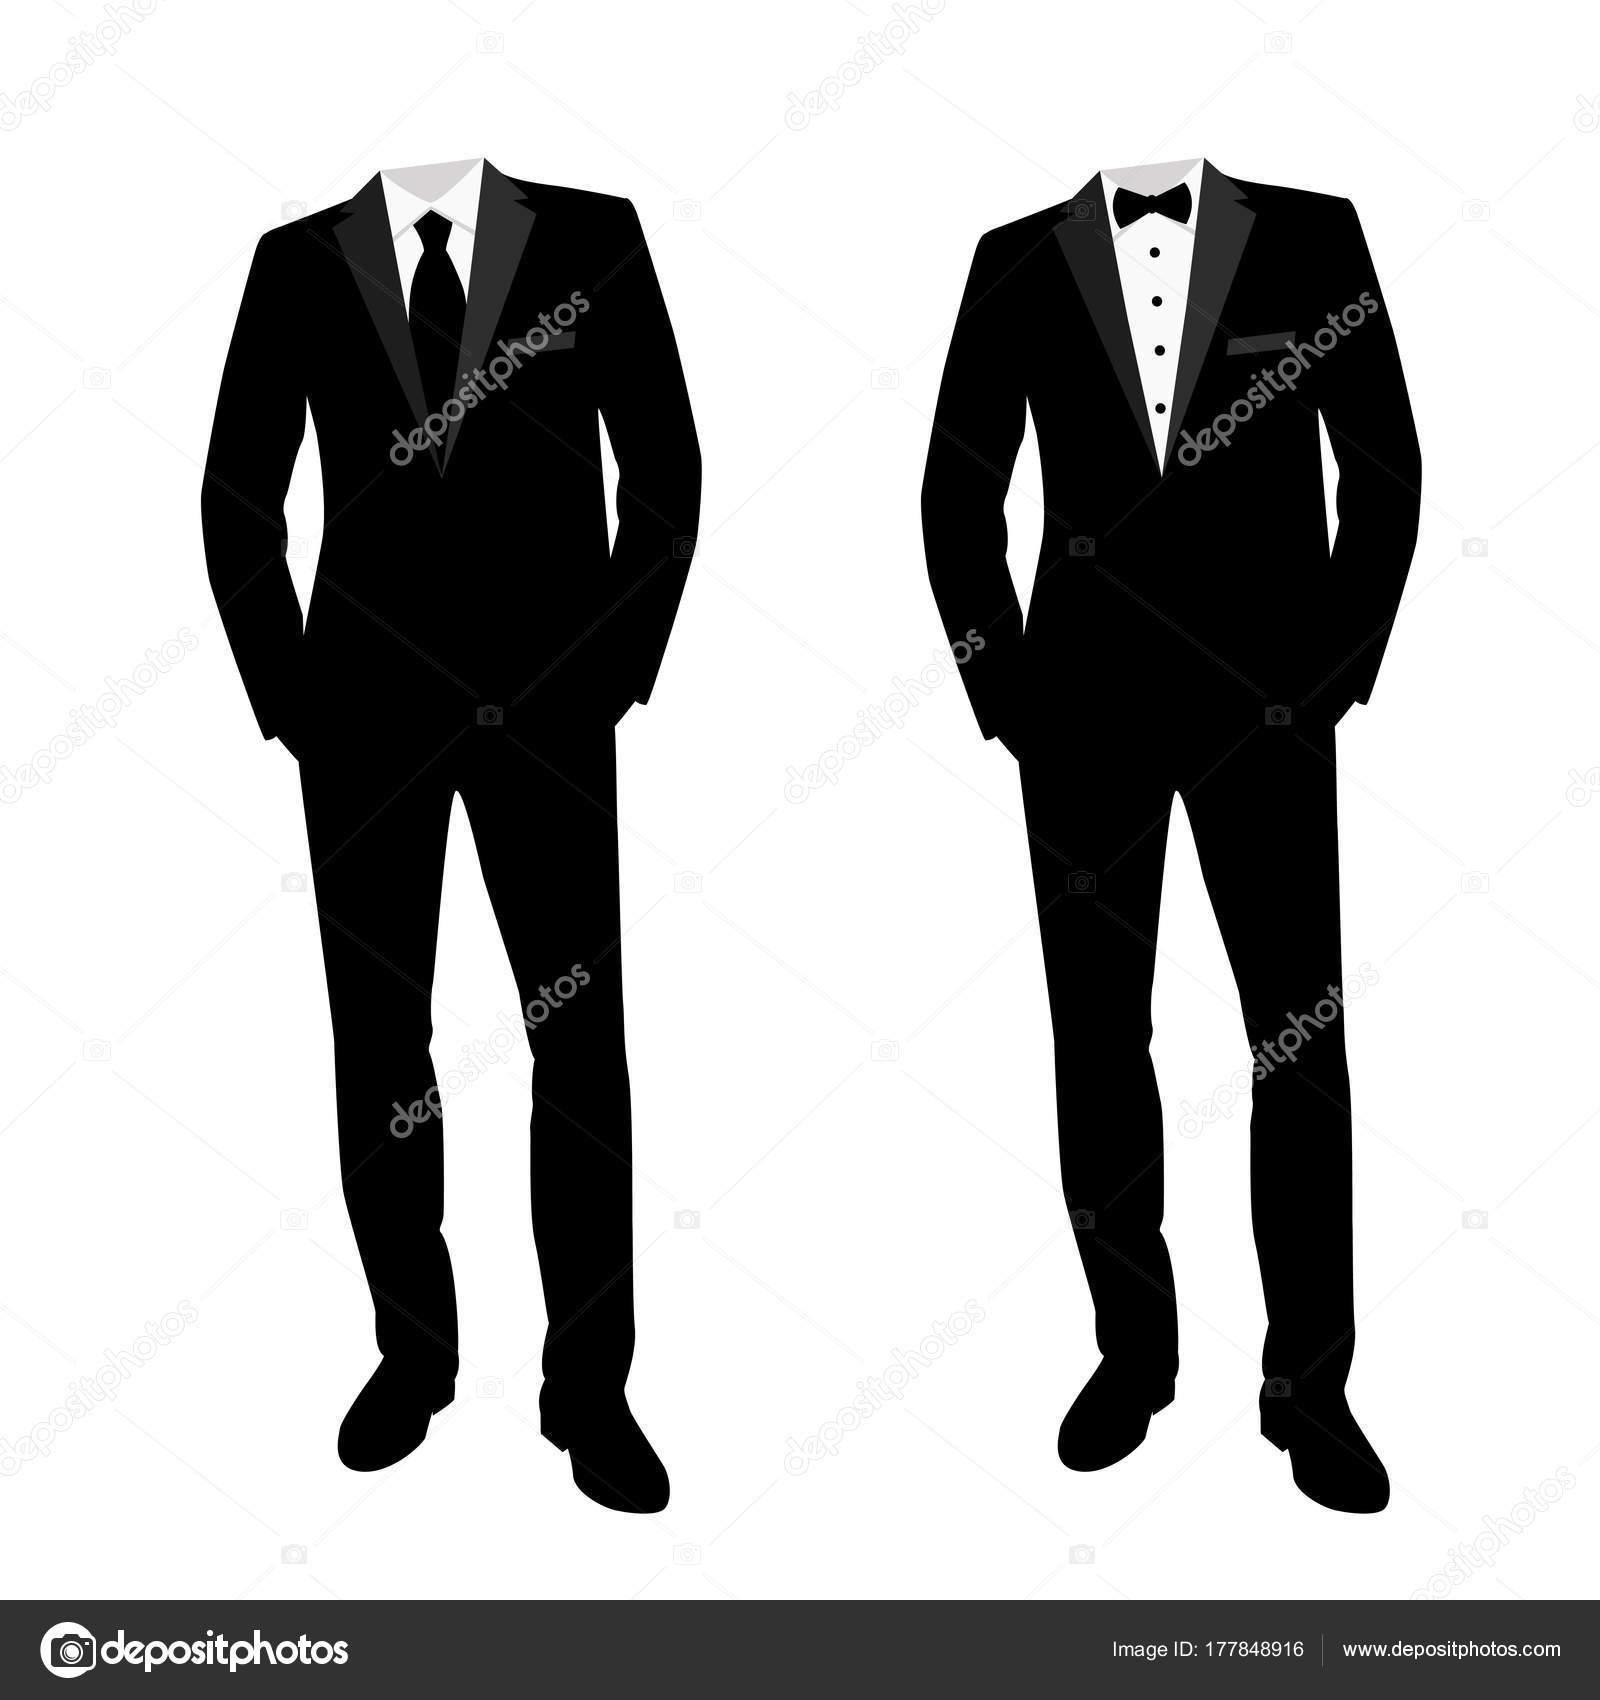 d2439c68228a79 Чоловіча Весільний костюм і смокінг. Колекція. — Стоковий вектор ...